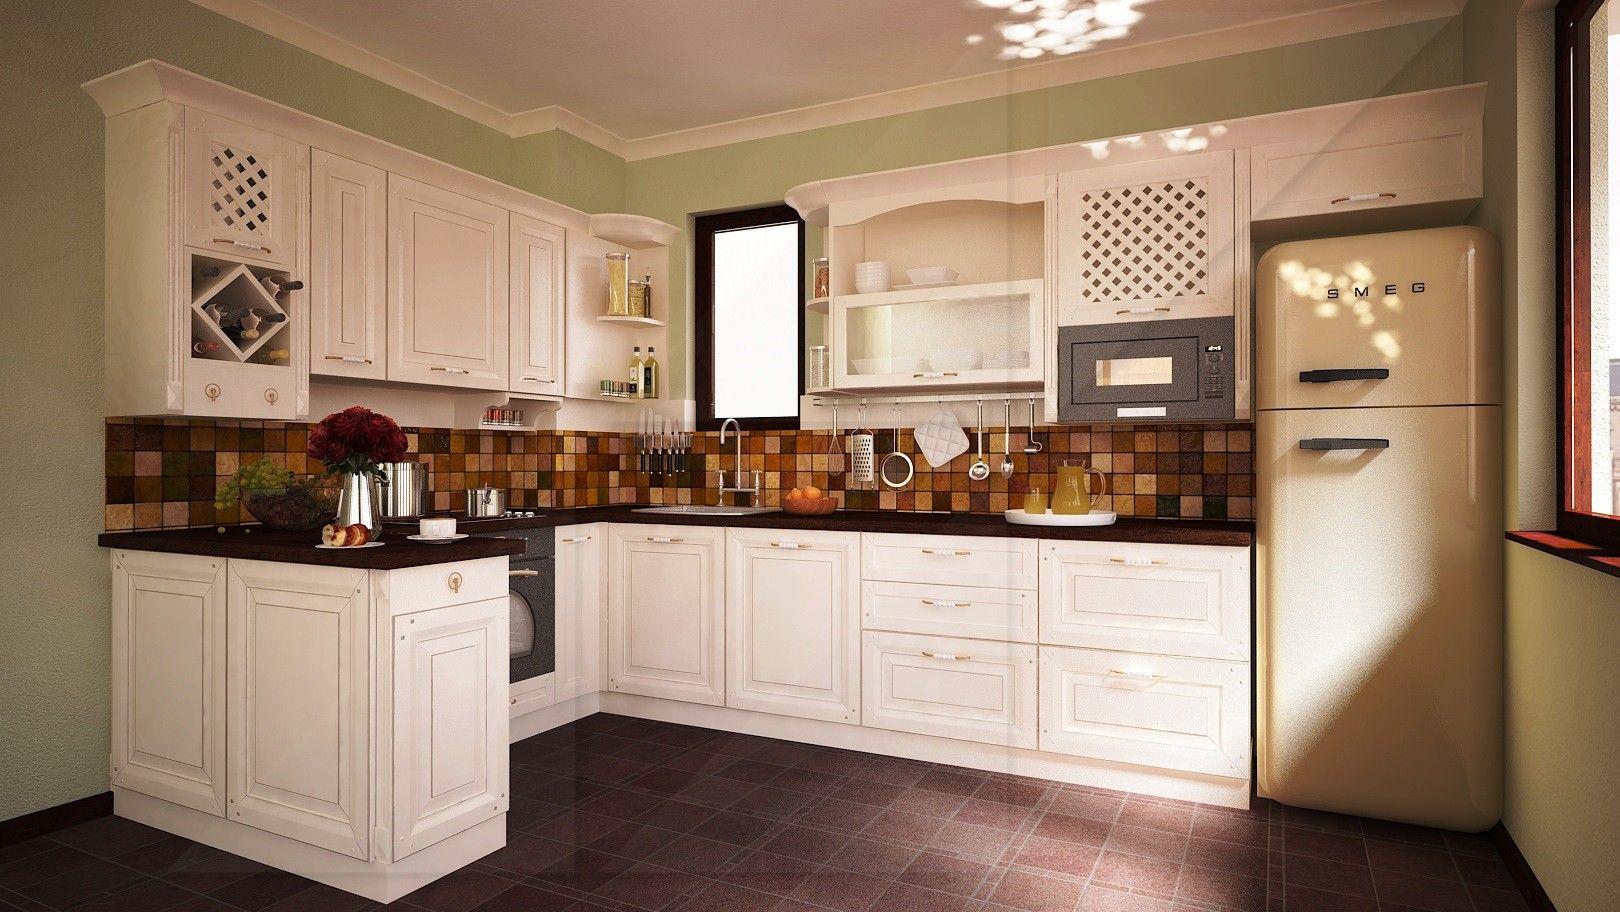 проект за кухня - Google Търсене (With images) | Kitchen ...